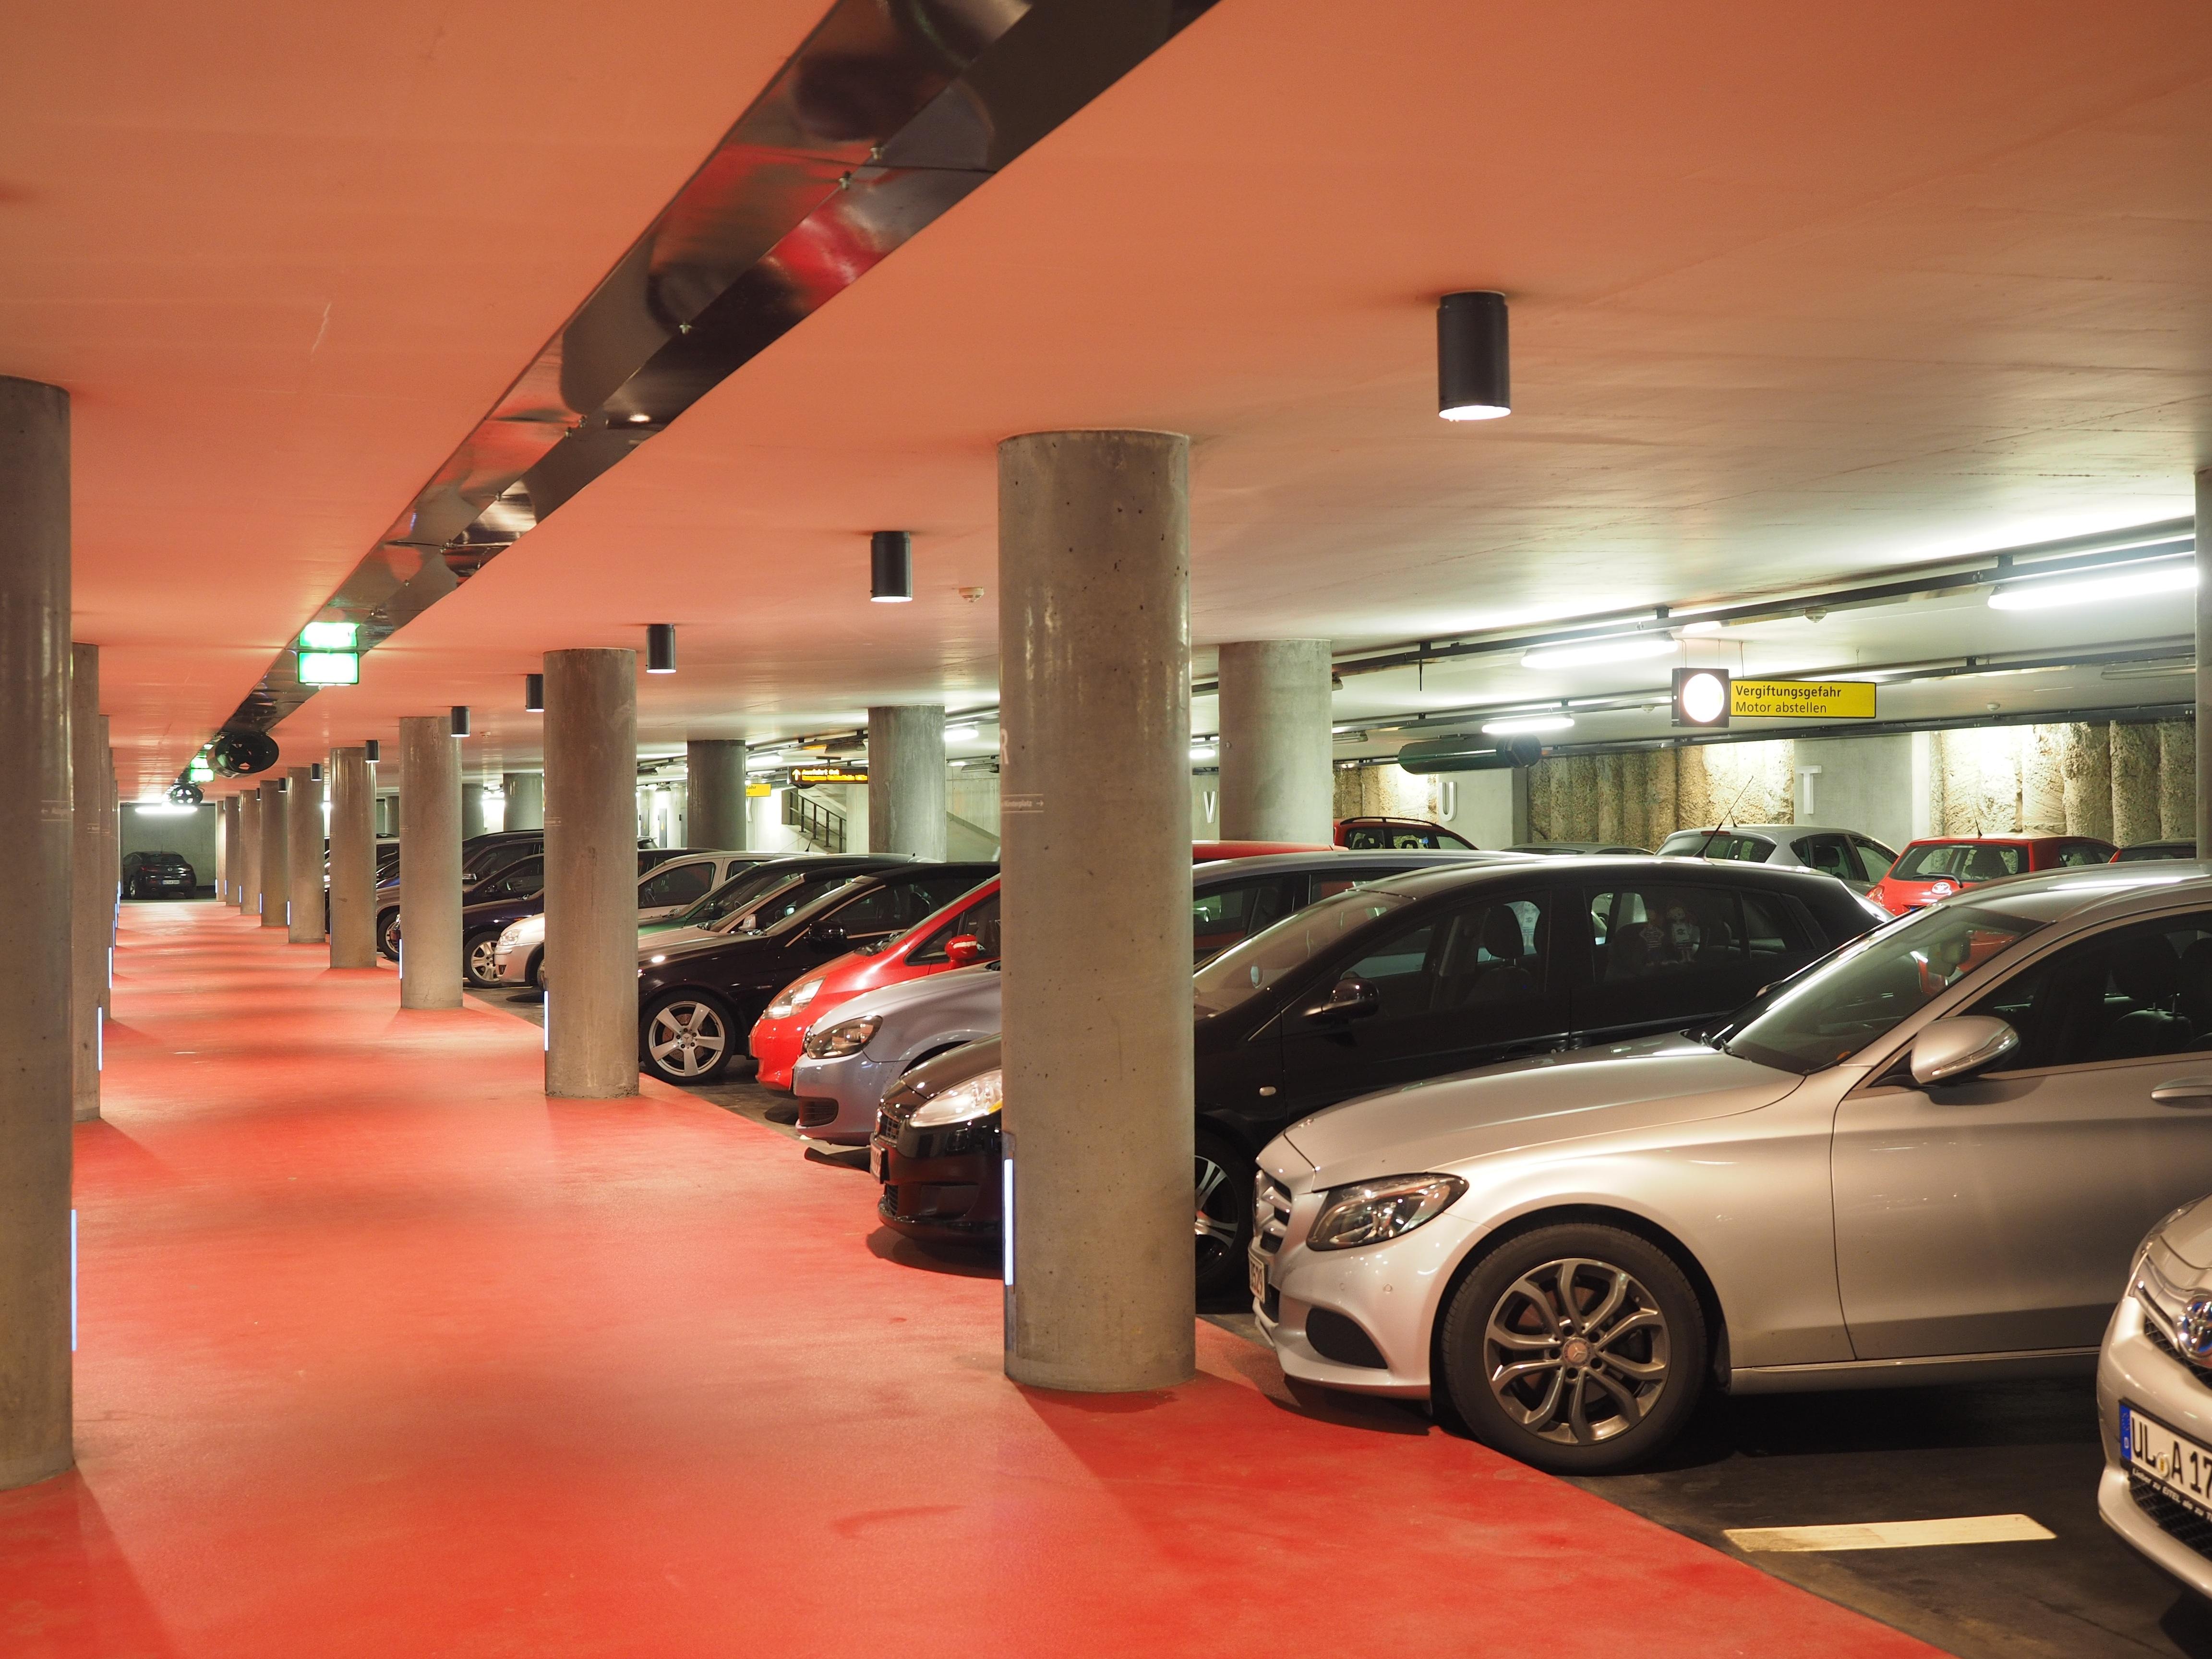 Ärger bei der Parkplatzsuche? Dagegen hat die Automobilindustrie der Zukunft etwas (Foto: Hans/pixabay)